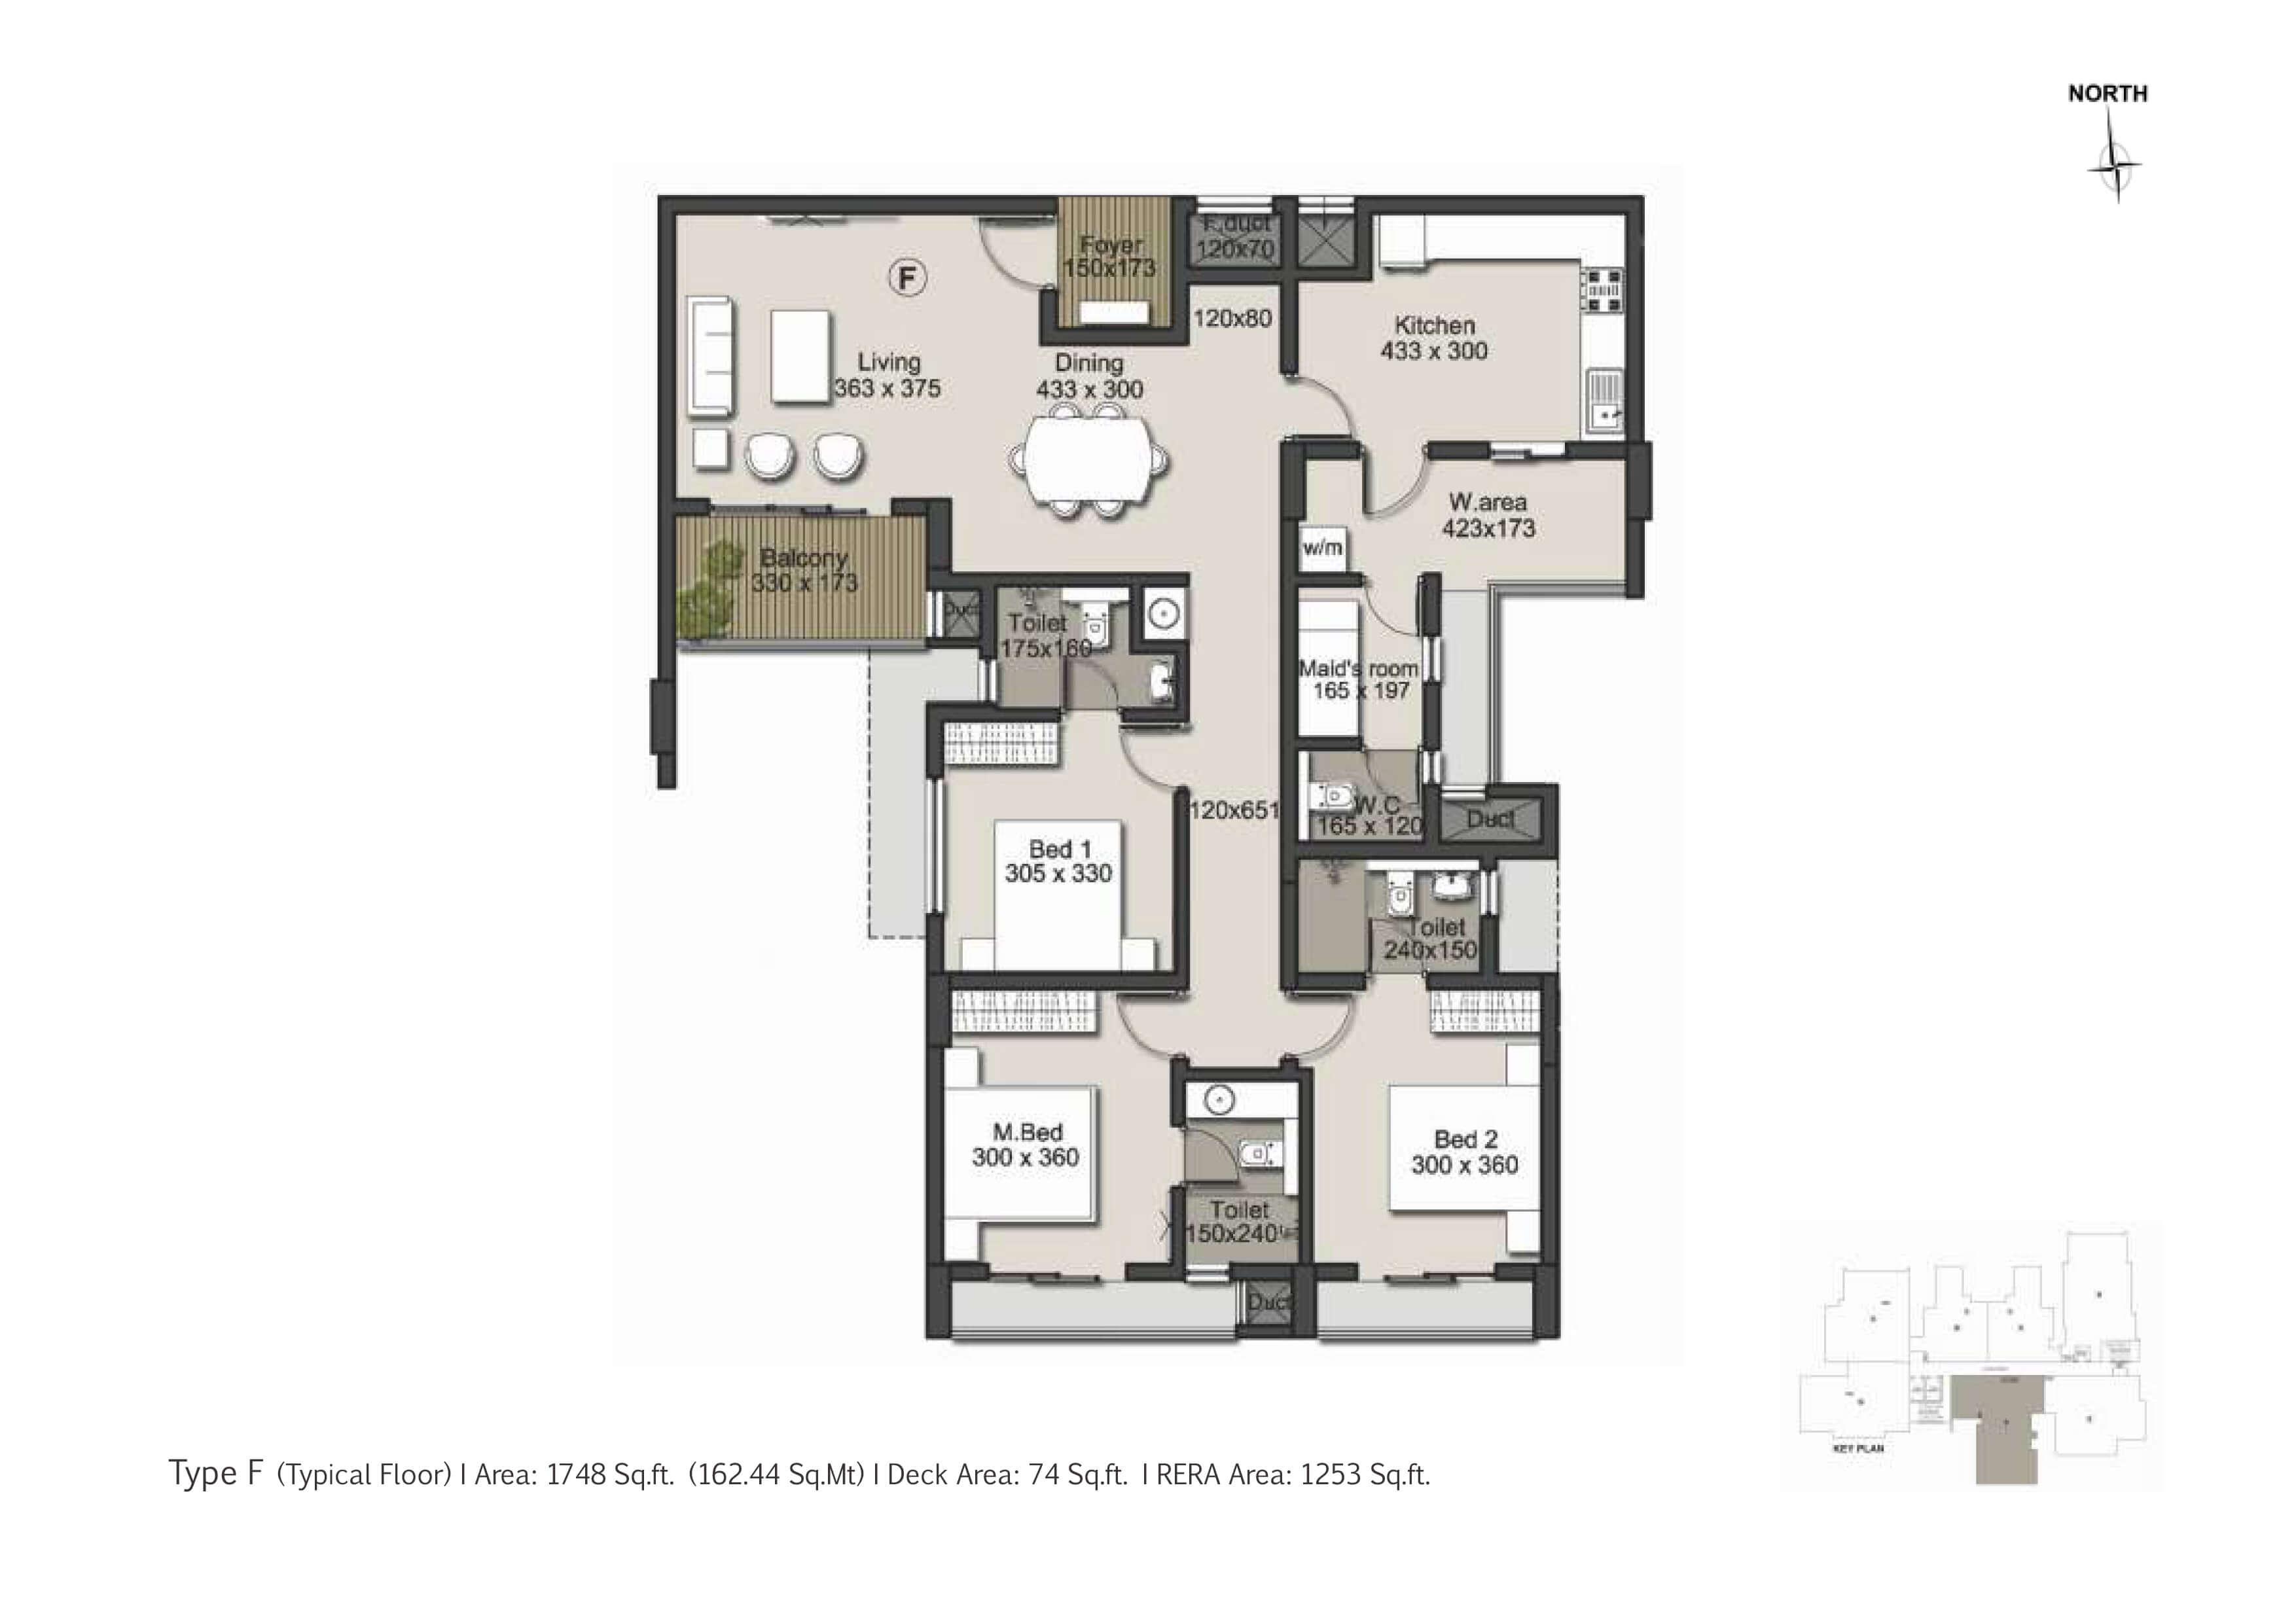 Type F Floor Plan